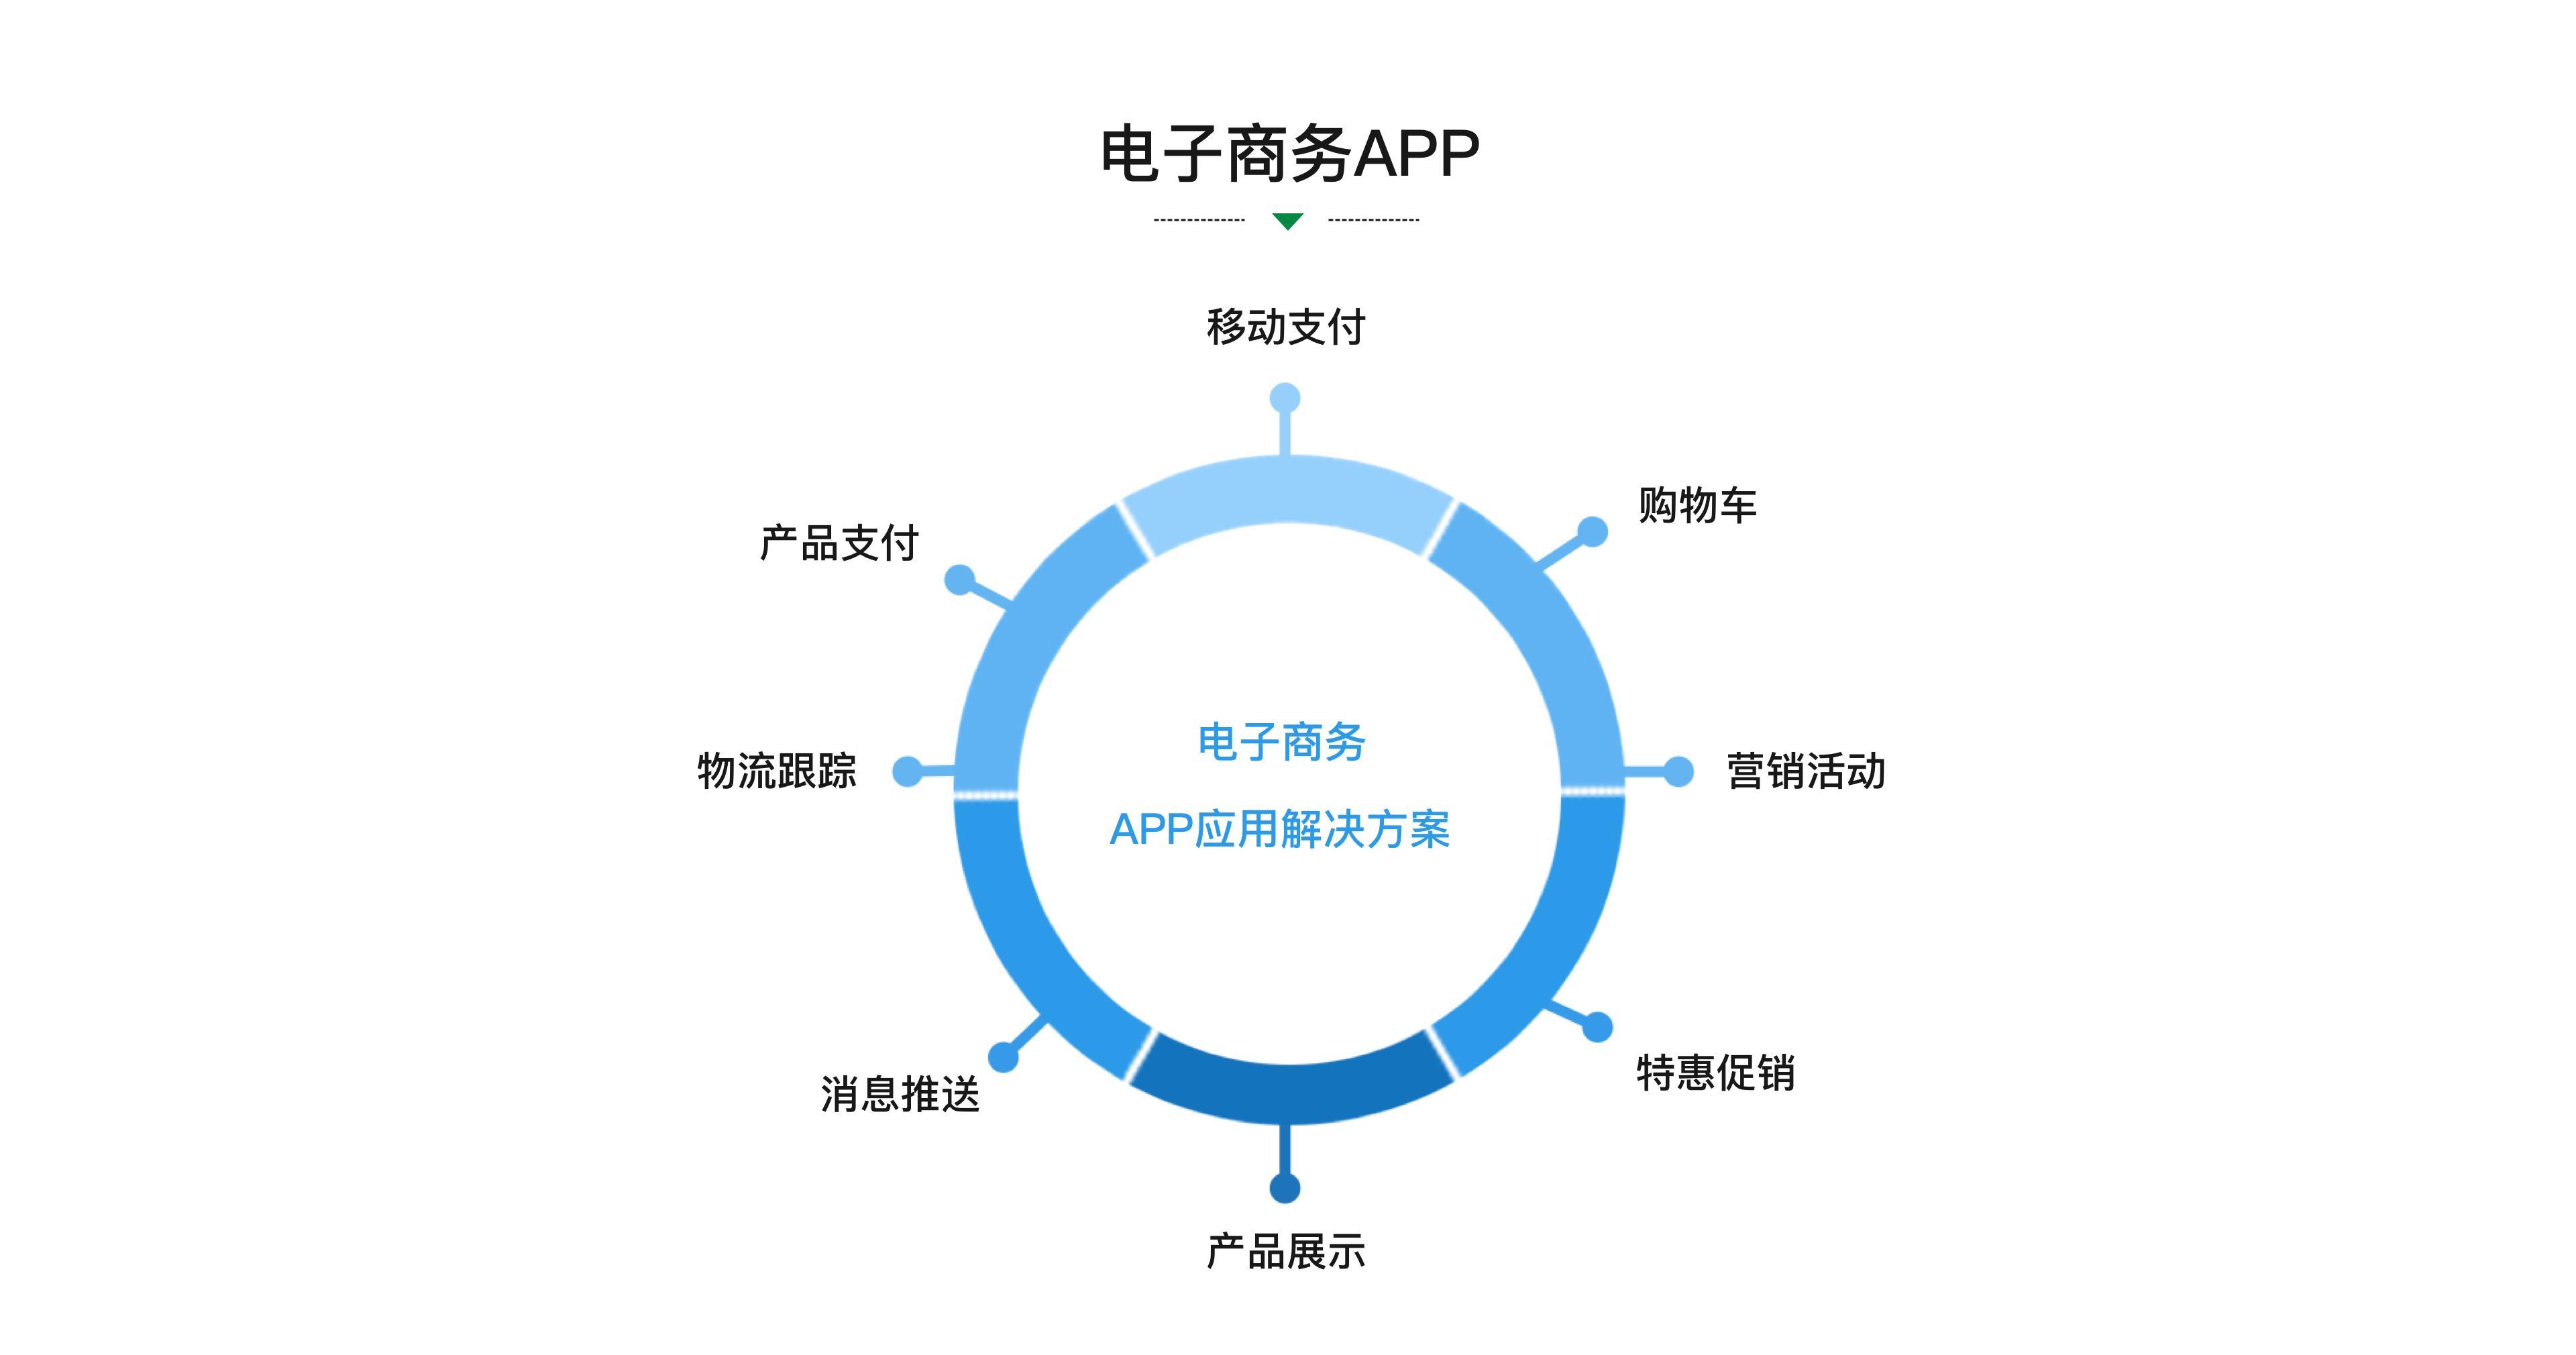 电子商务APP.jpg